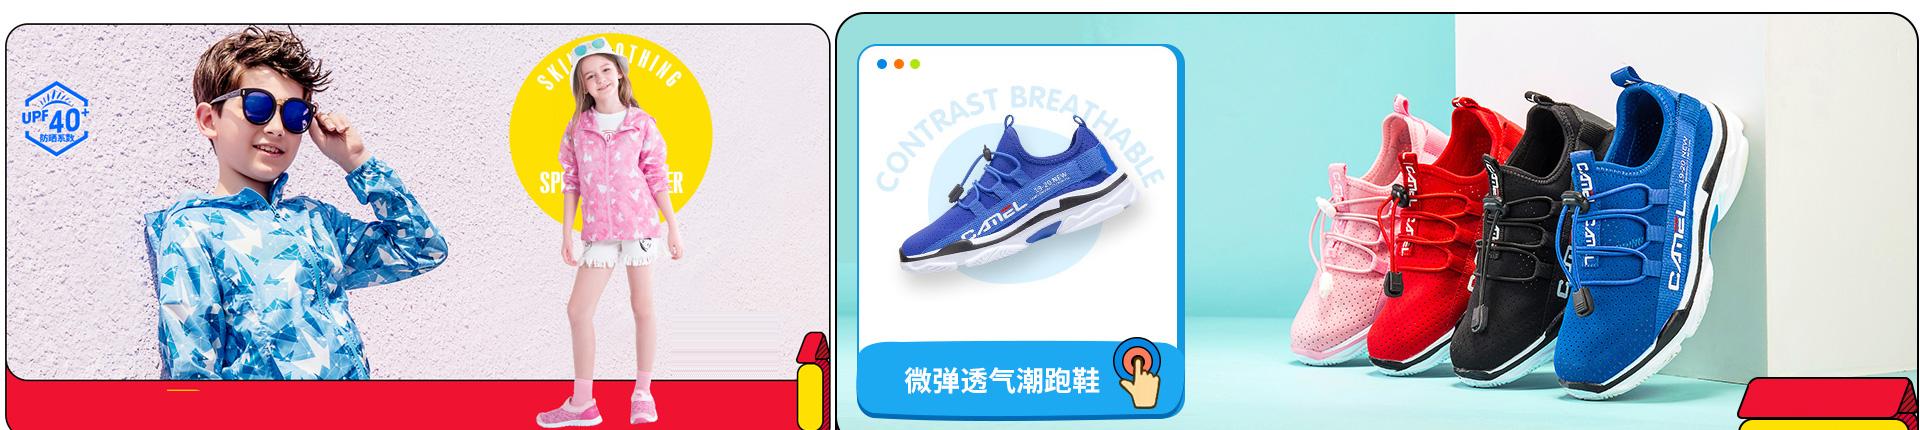 骆驼童鞋官方网站